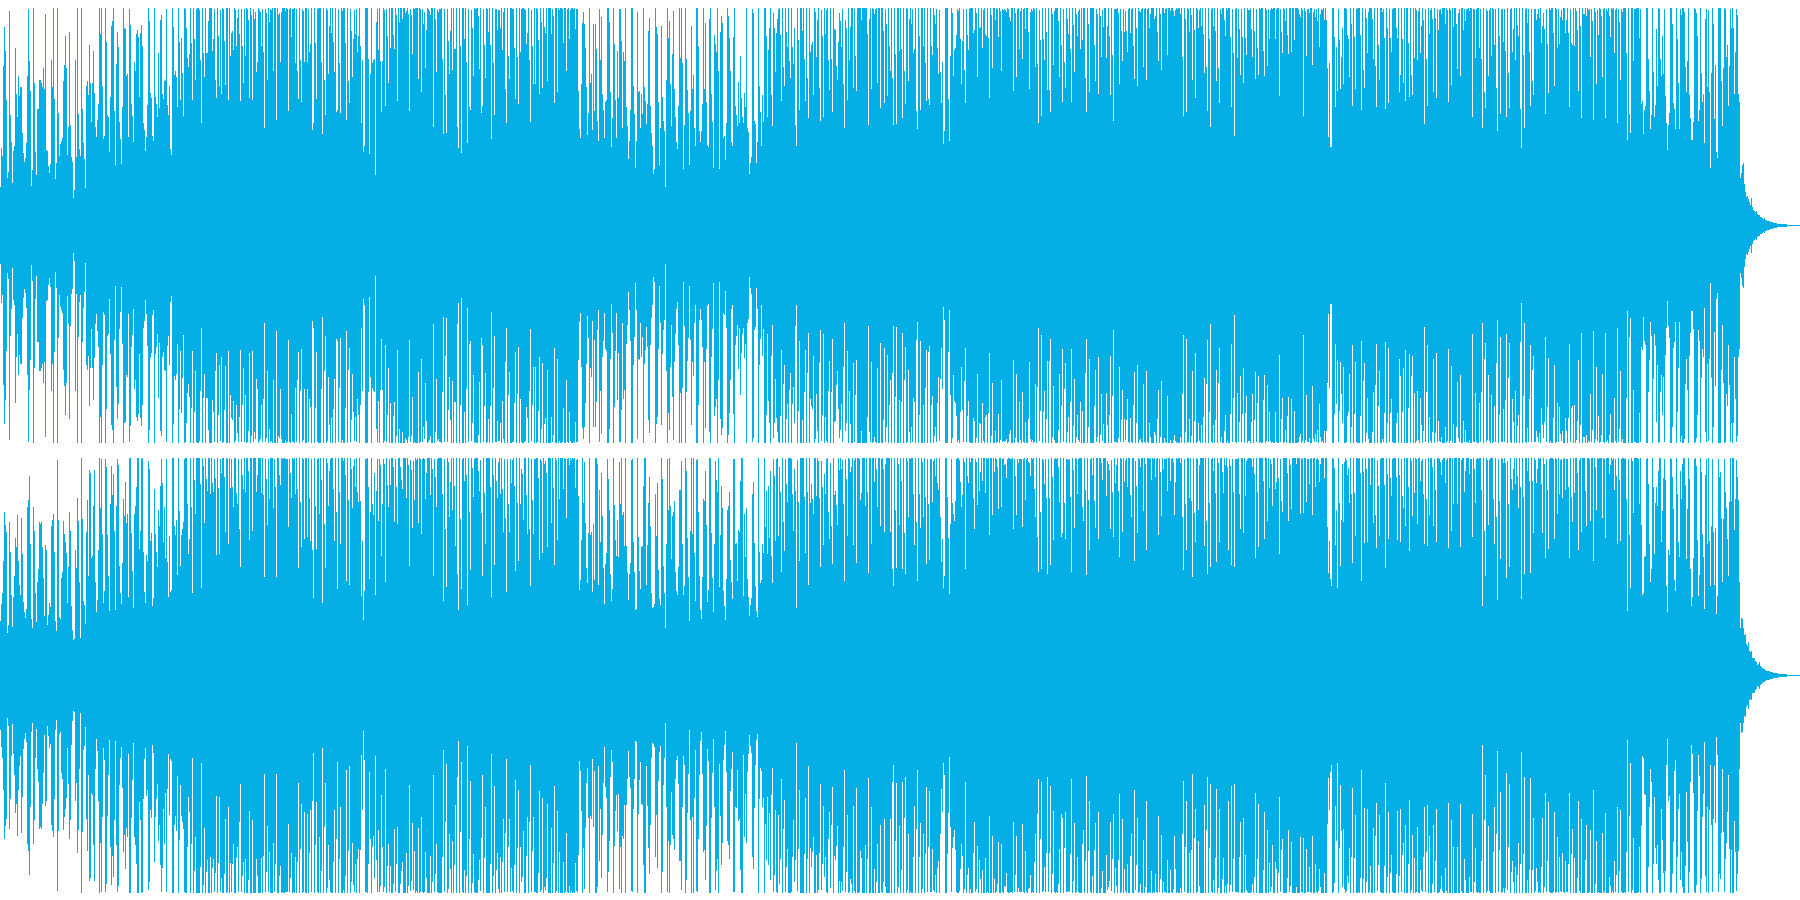 トロピカルハウスパーティーの再生済みの波形